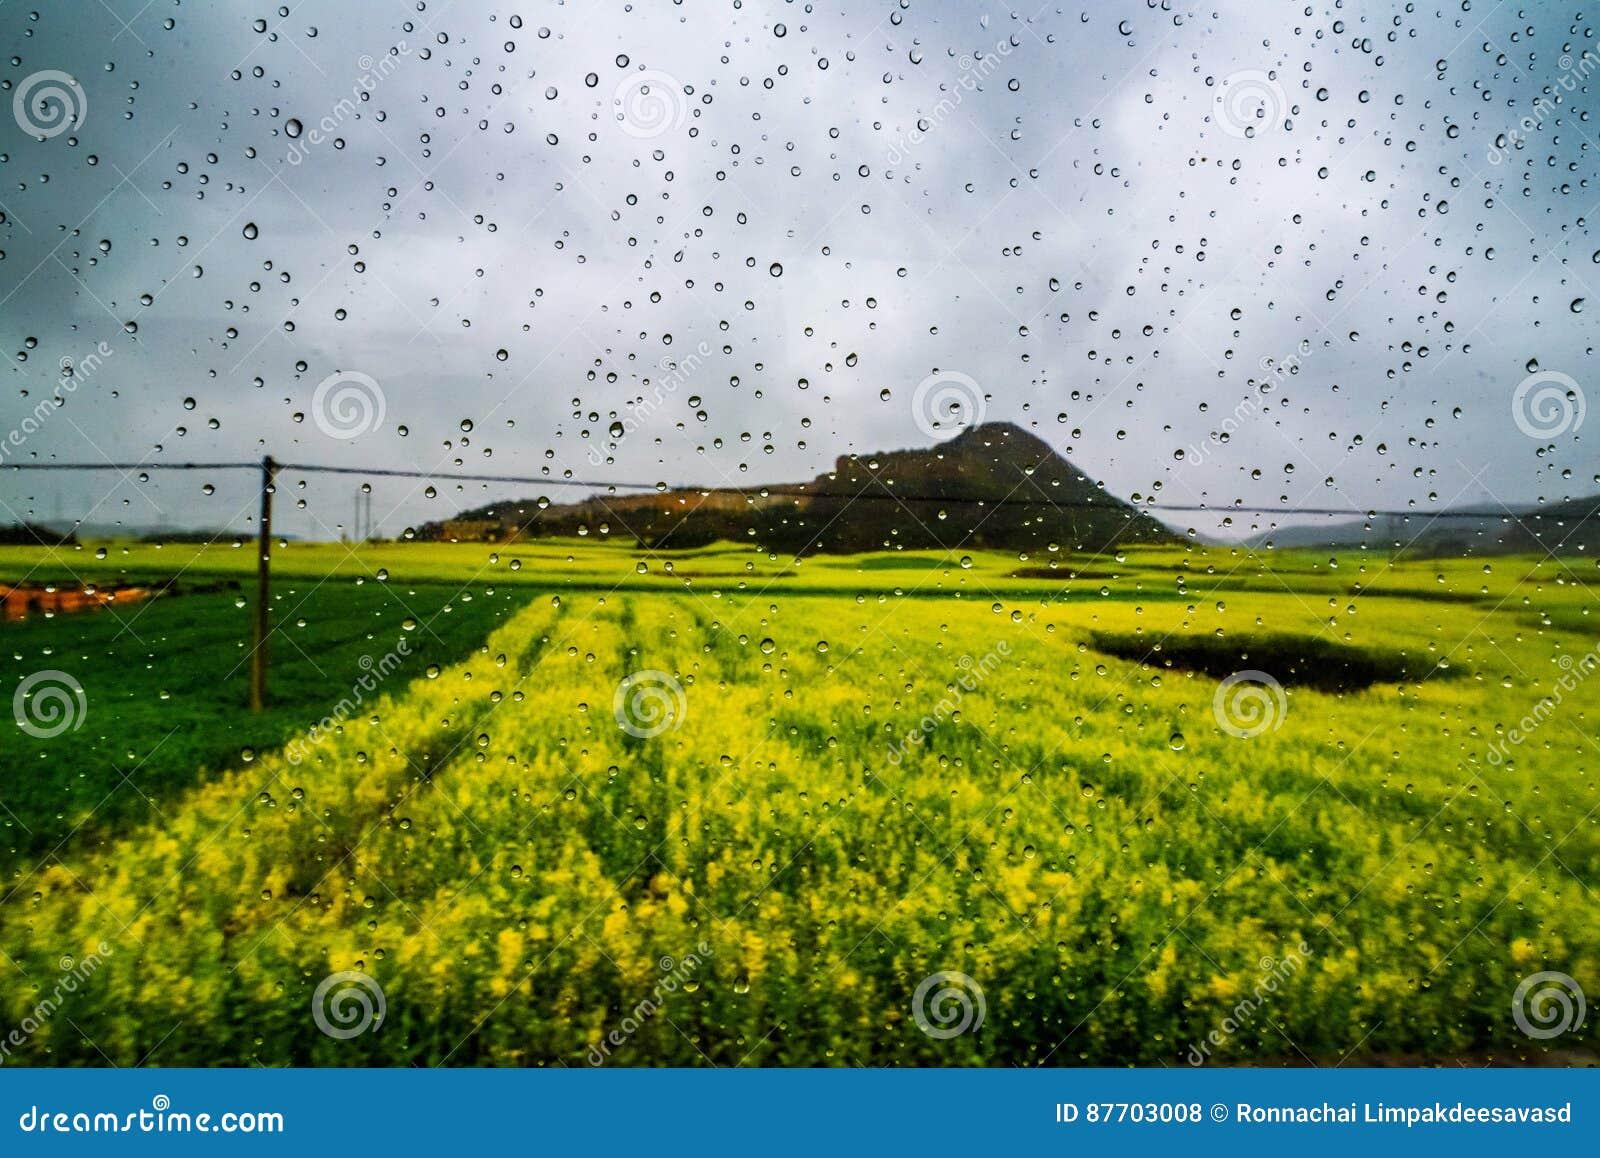 Gisement de Canola, gisement de fleur de graine de colza avec la baisse de pluie